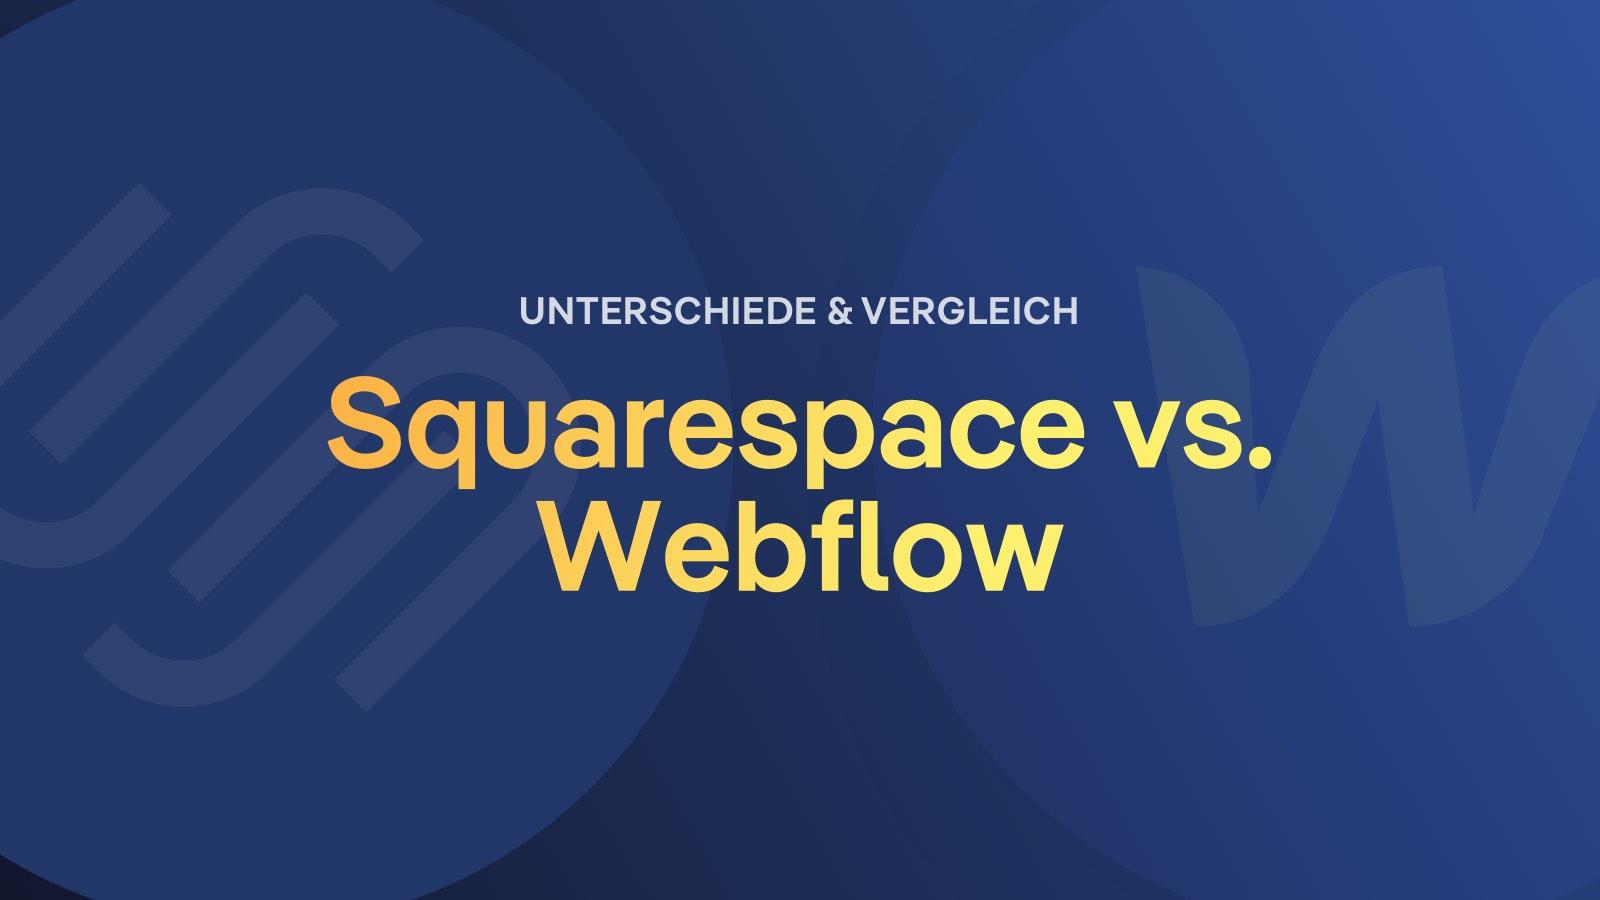 Webflow vs Squarespace Vergleich und Unterschiede